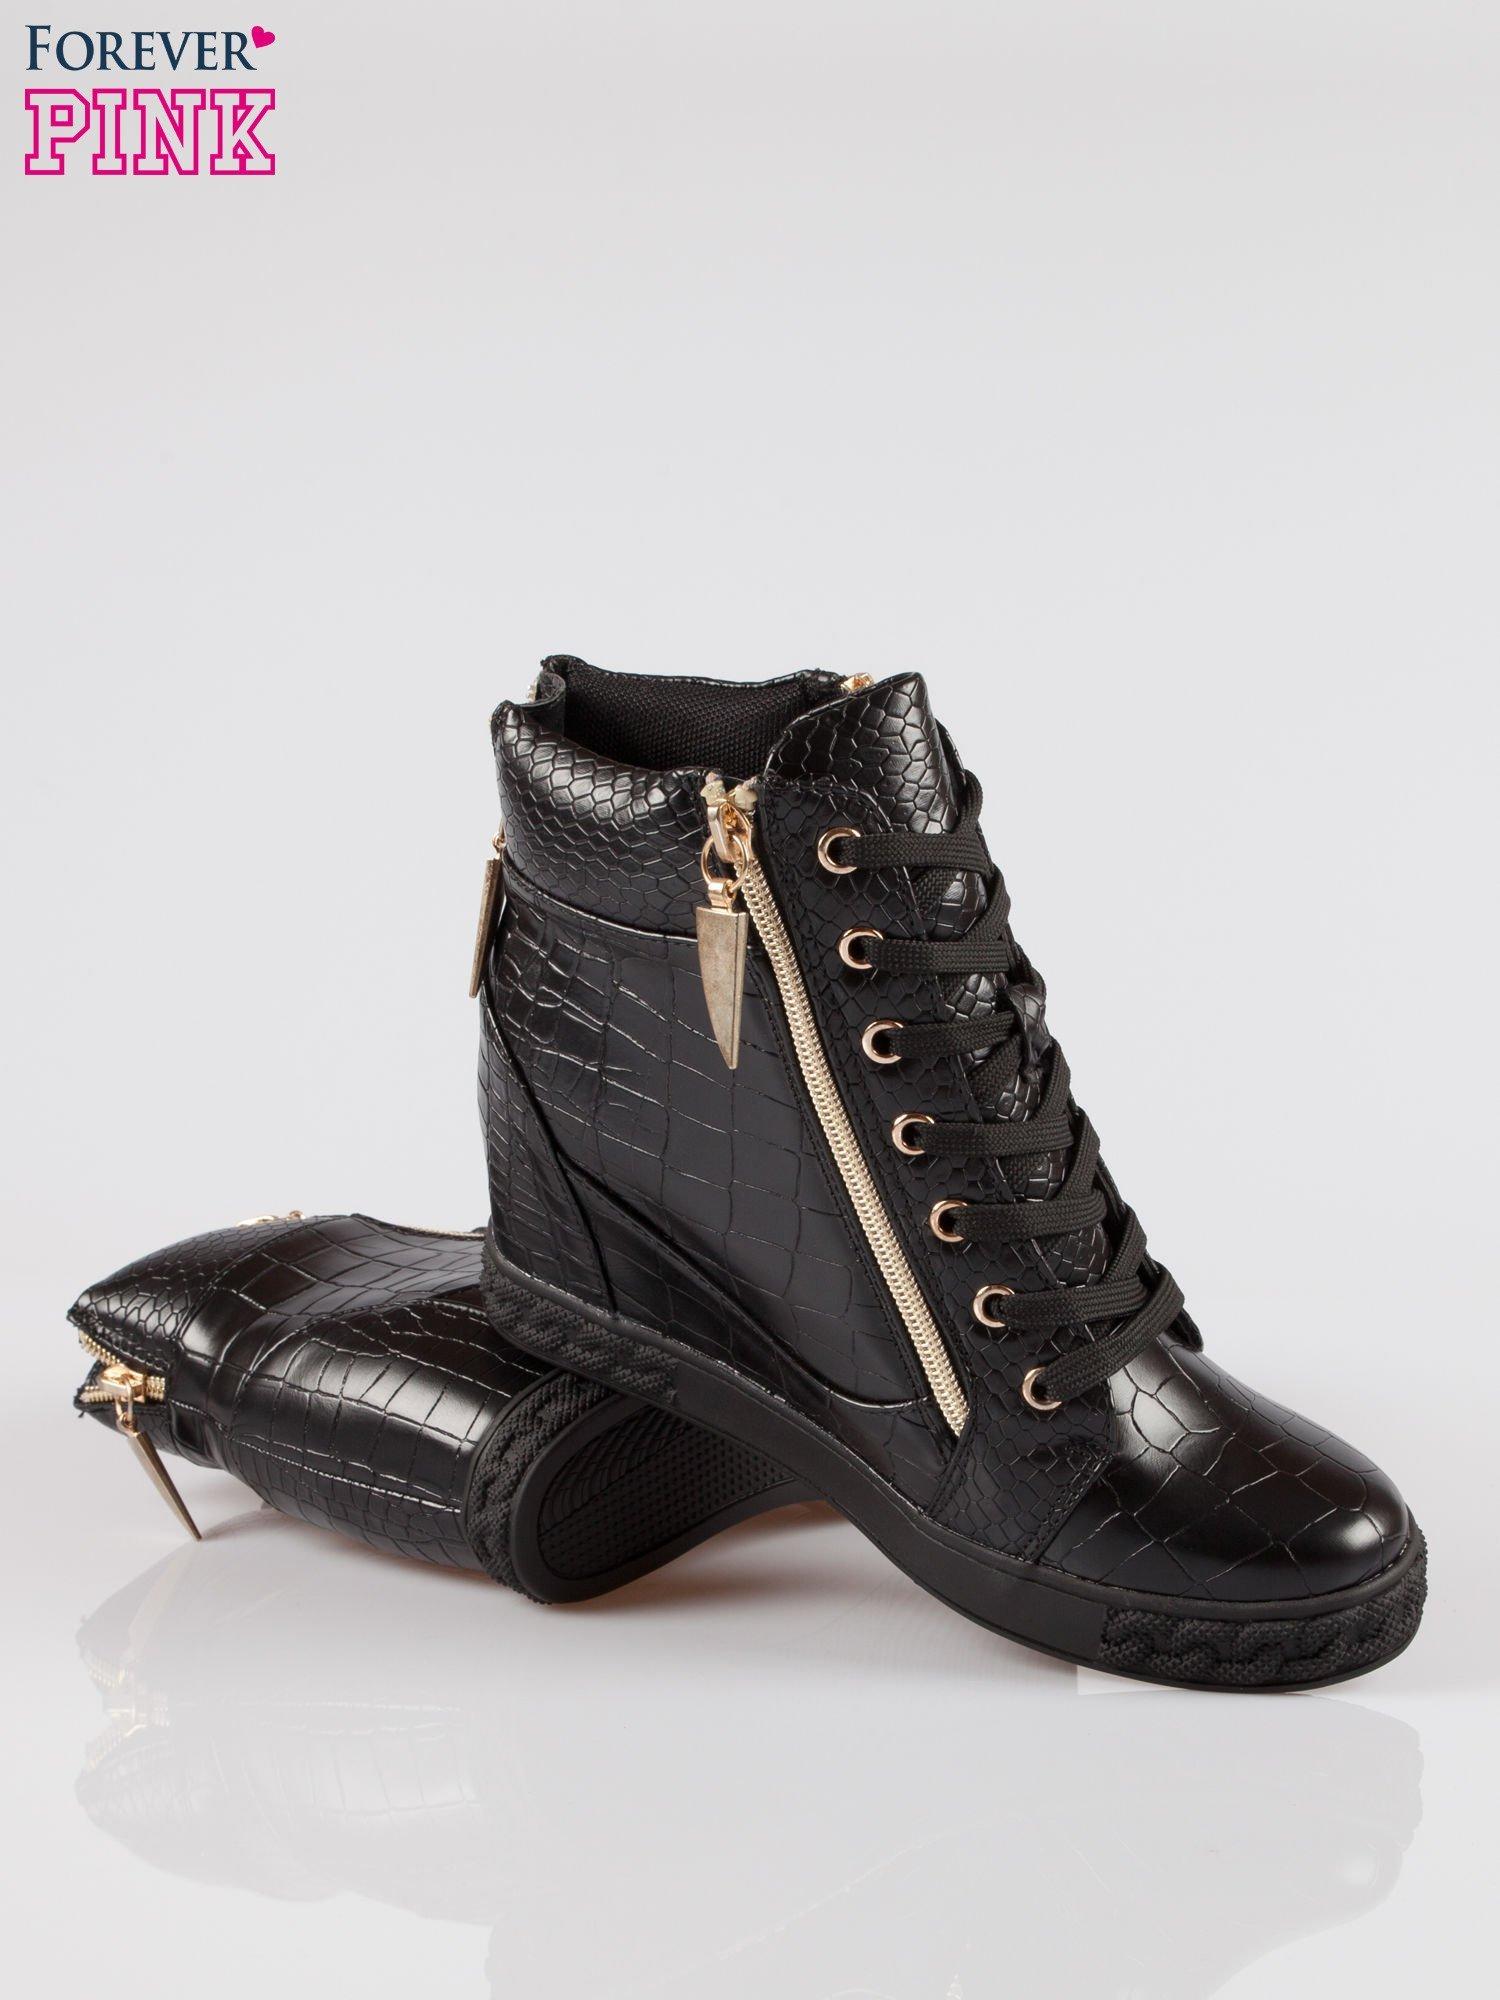 Czarne sneakersy ze skóry tłoczonej w zwierzęce wzory i złotymi suwakami                                  zdj.                                  4